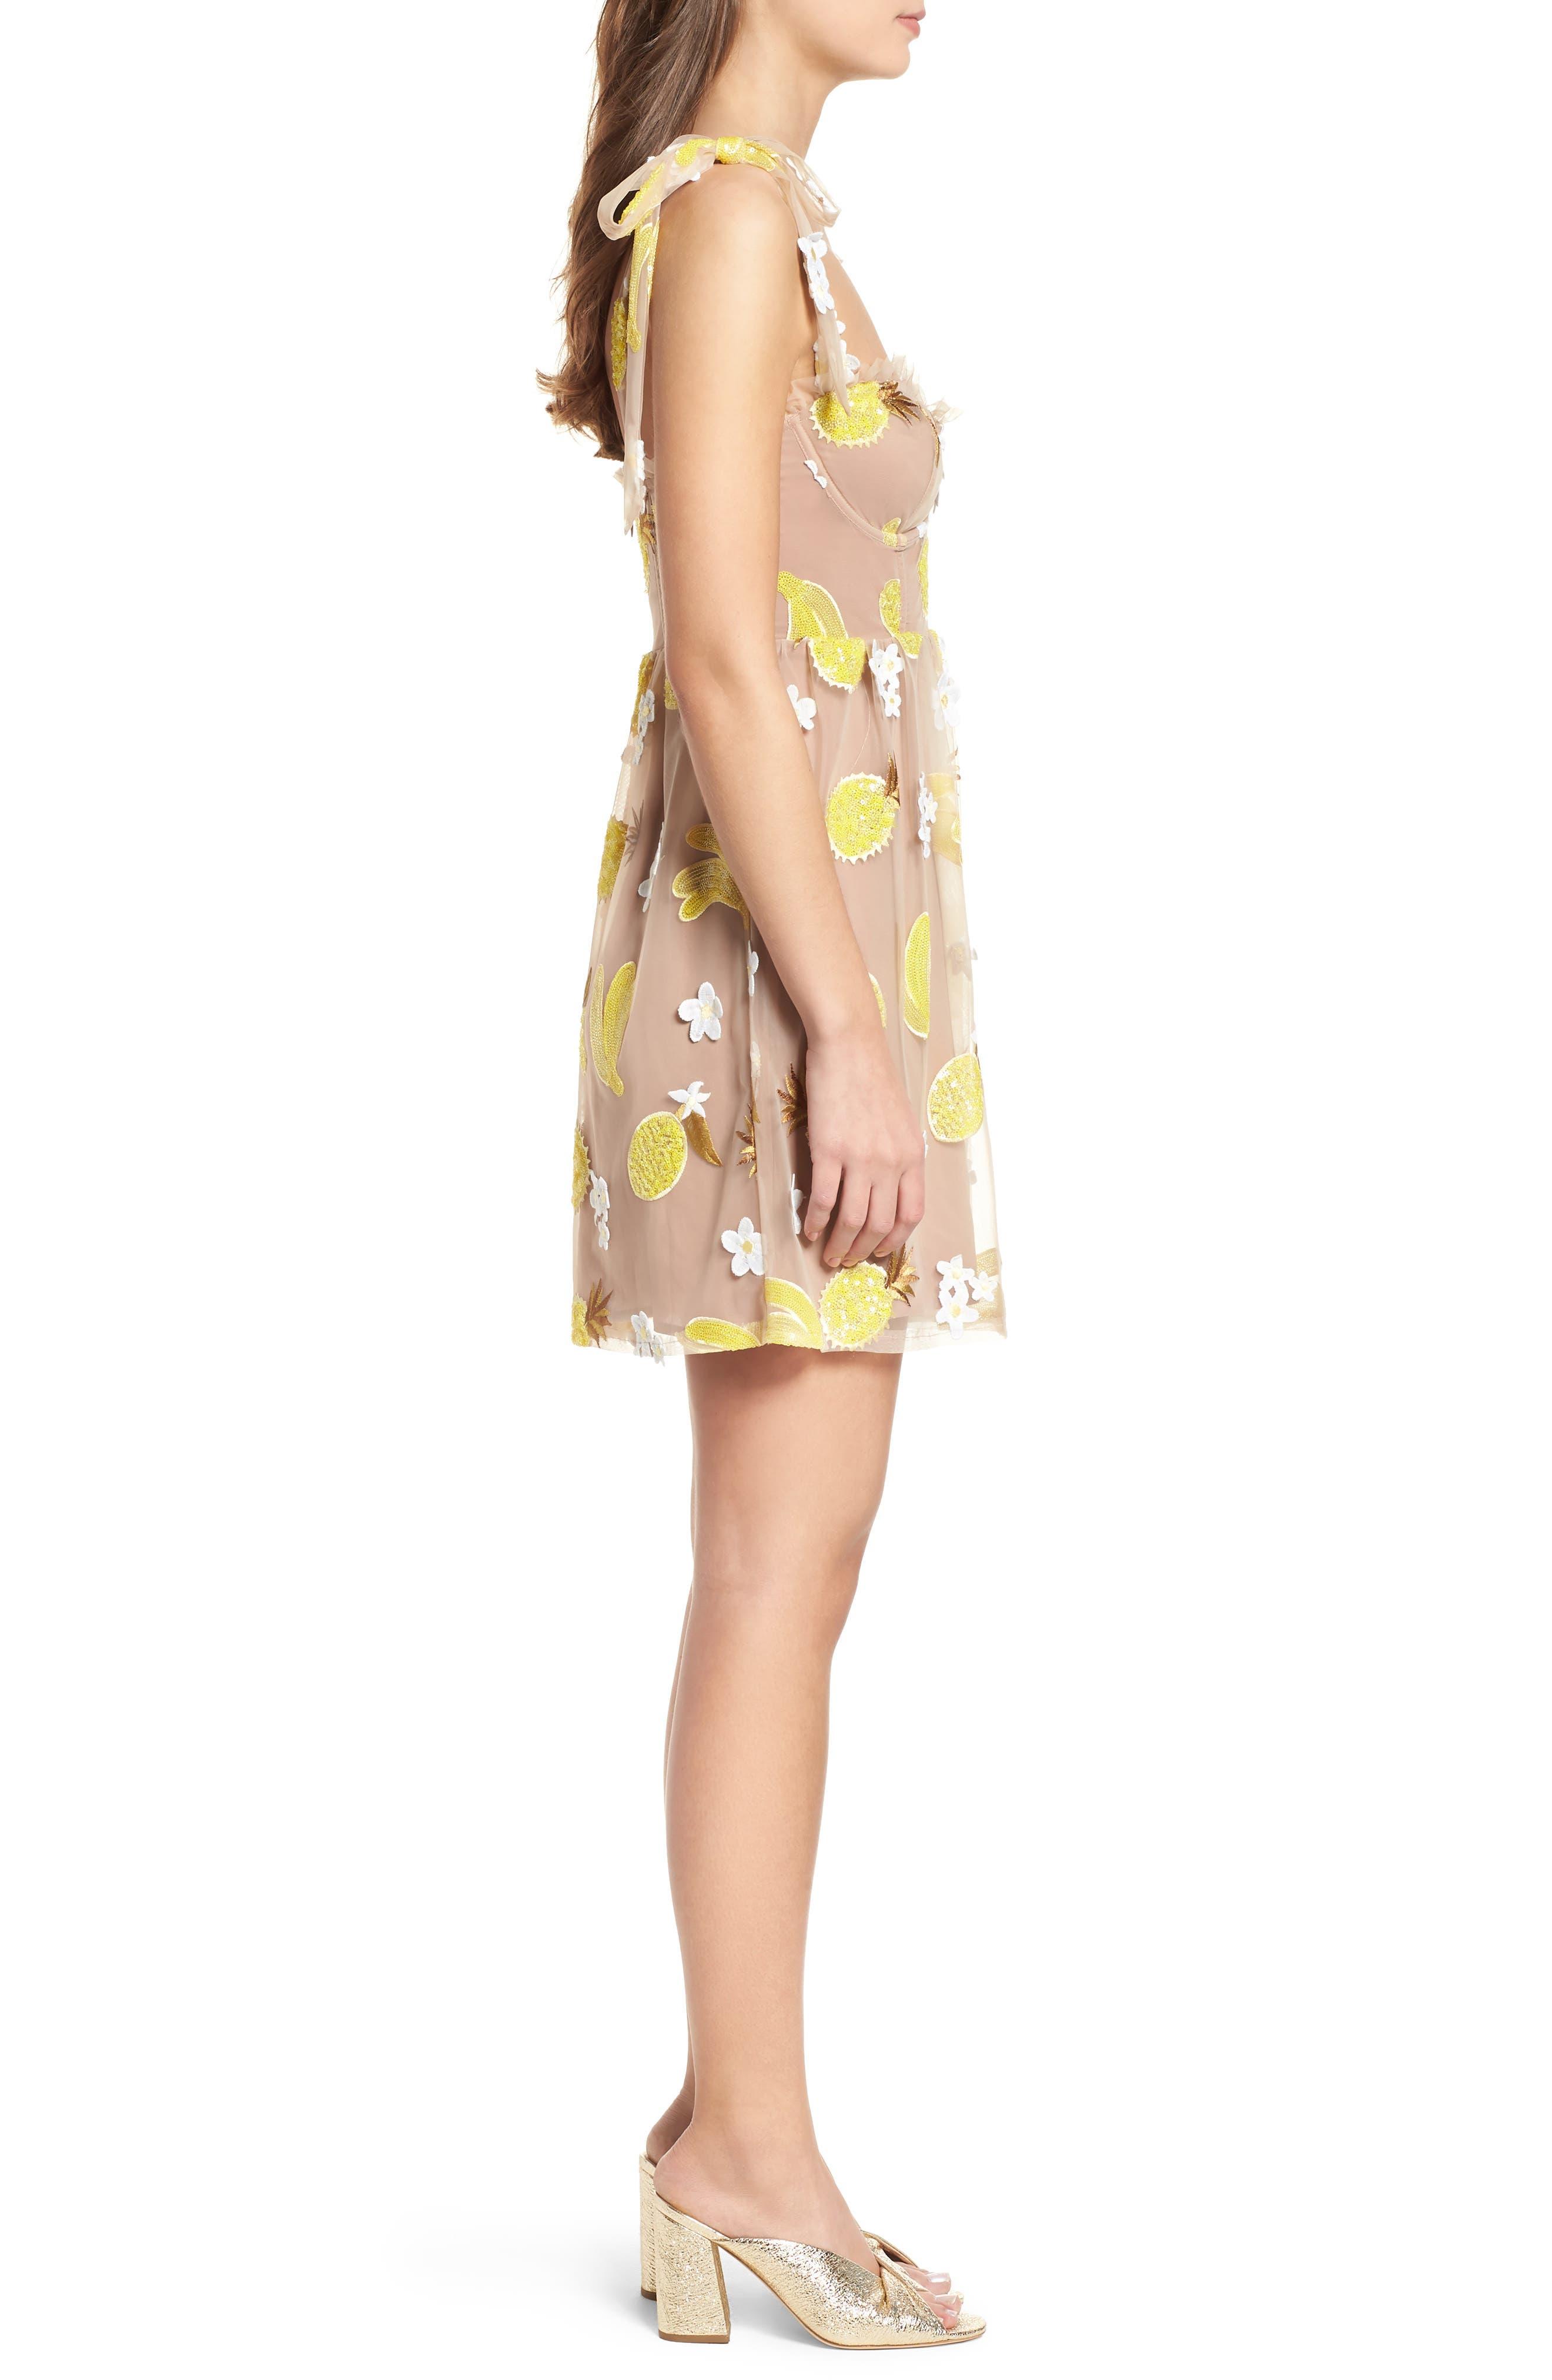 Fruitpunch Sequin Minidress,                             Alternate thumbnail 3, color,                             Pineapple